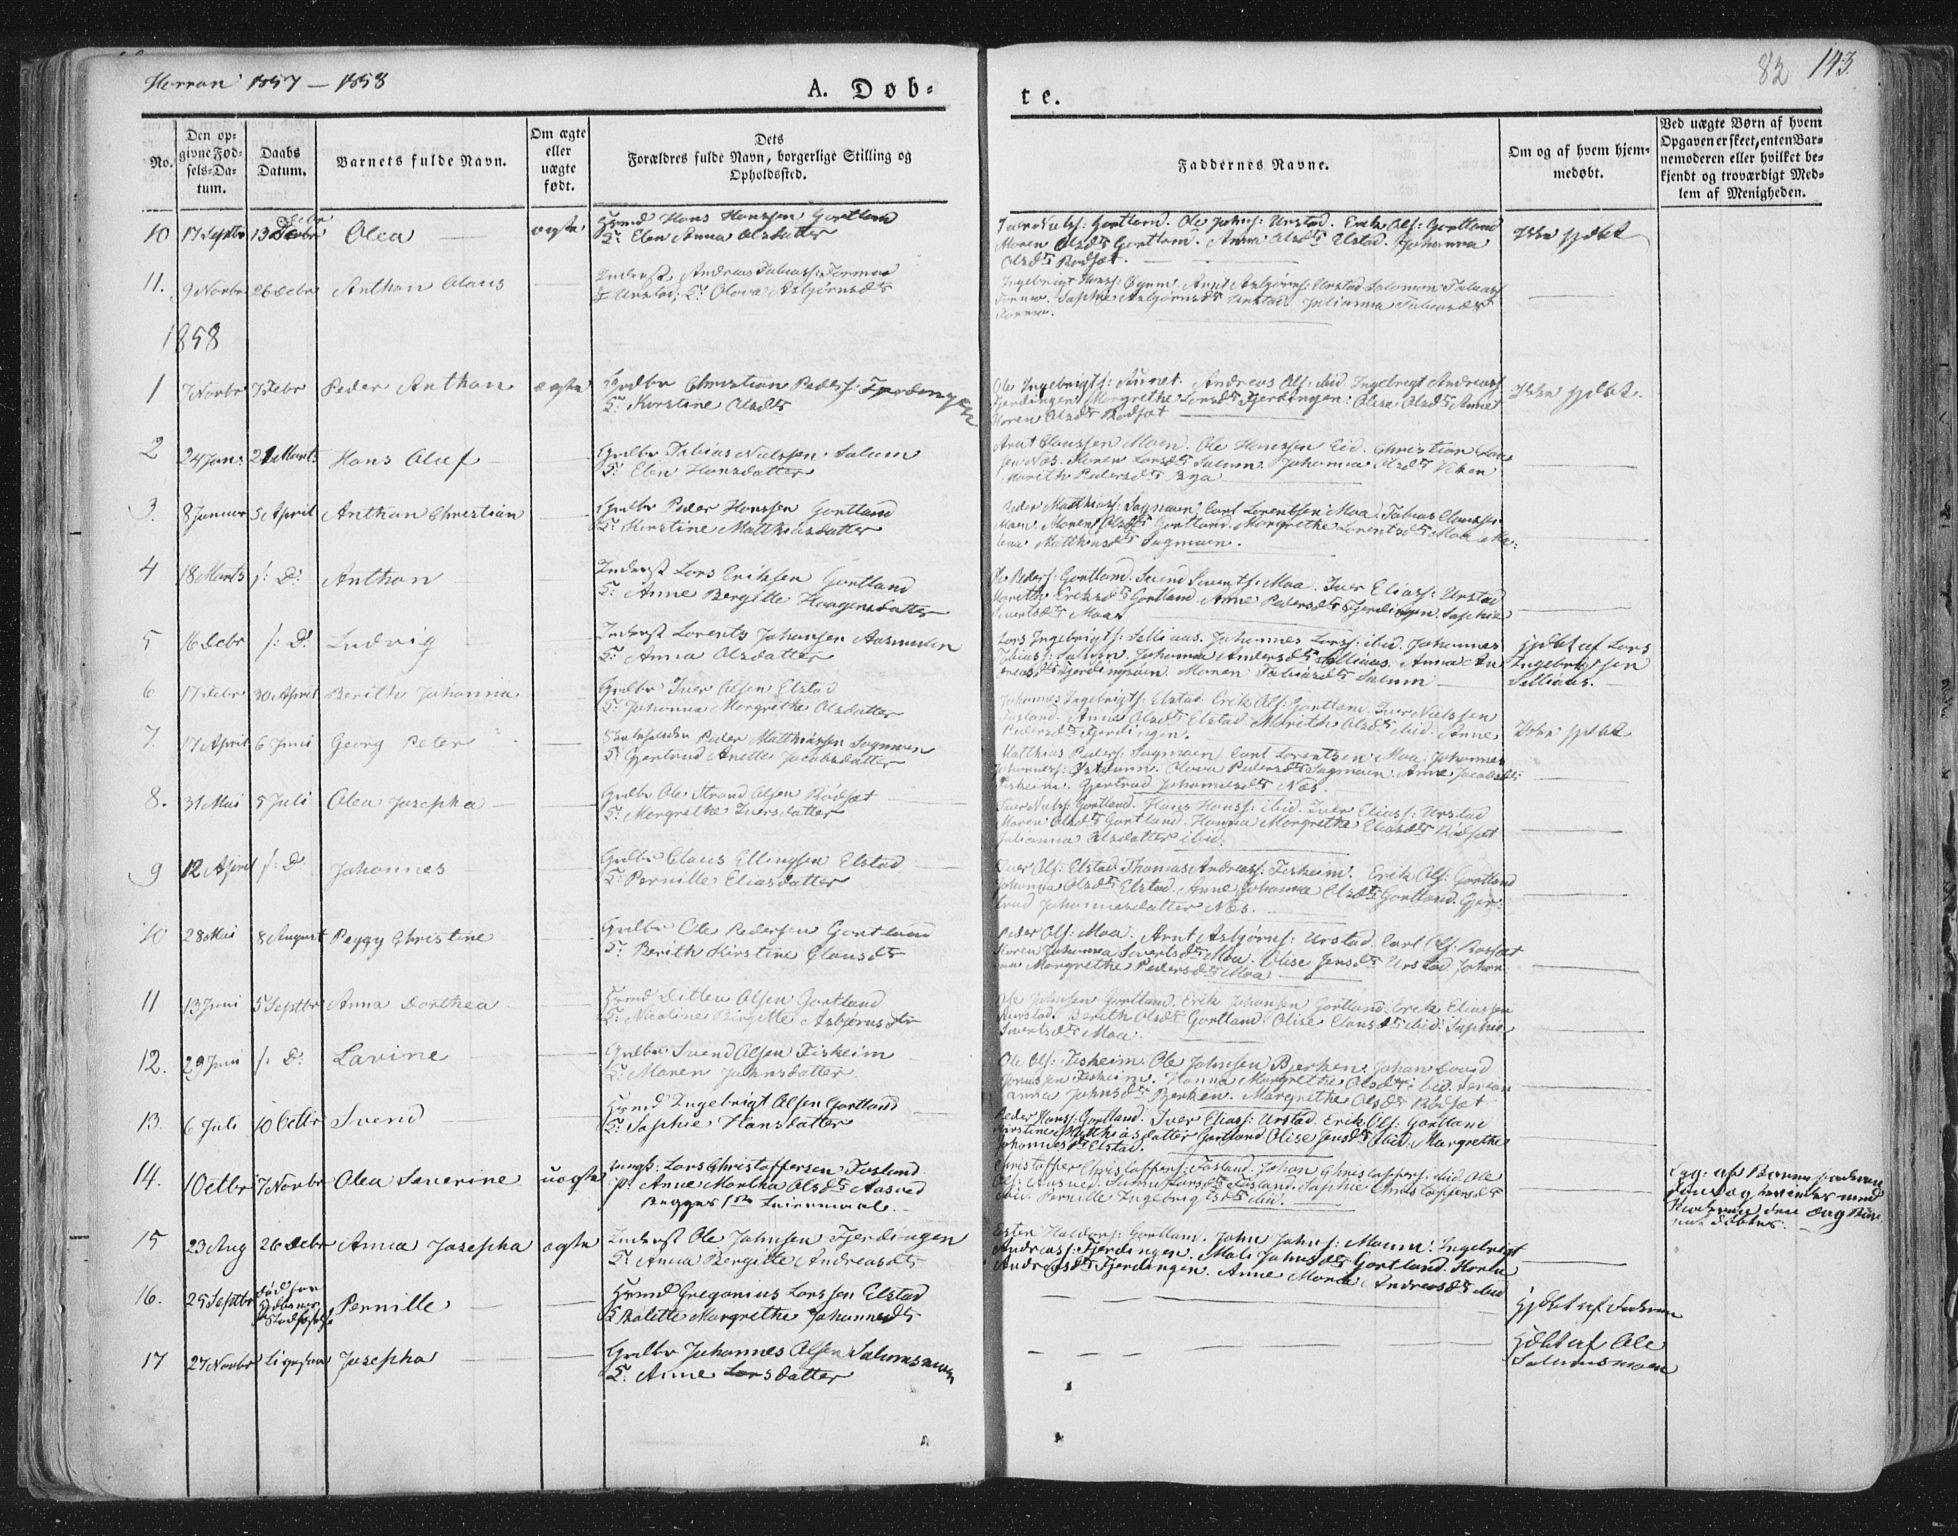 SAT, Ministerialprotokoller, klokkerbøker og fødselsregistre - Nord-Trøndelag, 758/L0513: Ministerialbok nr. 758A02 /3, 1839-1868, s. 82